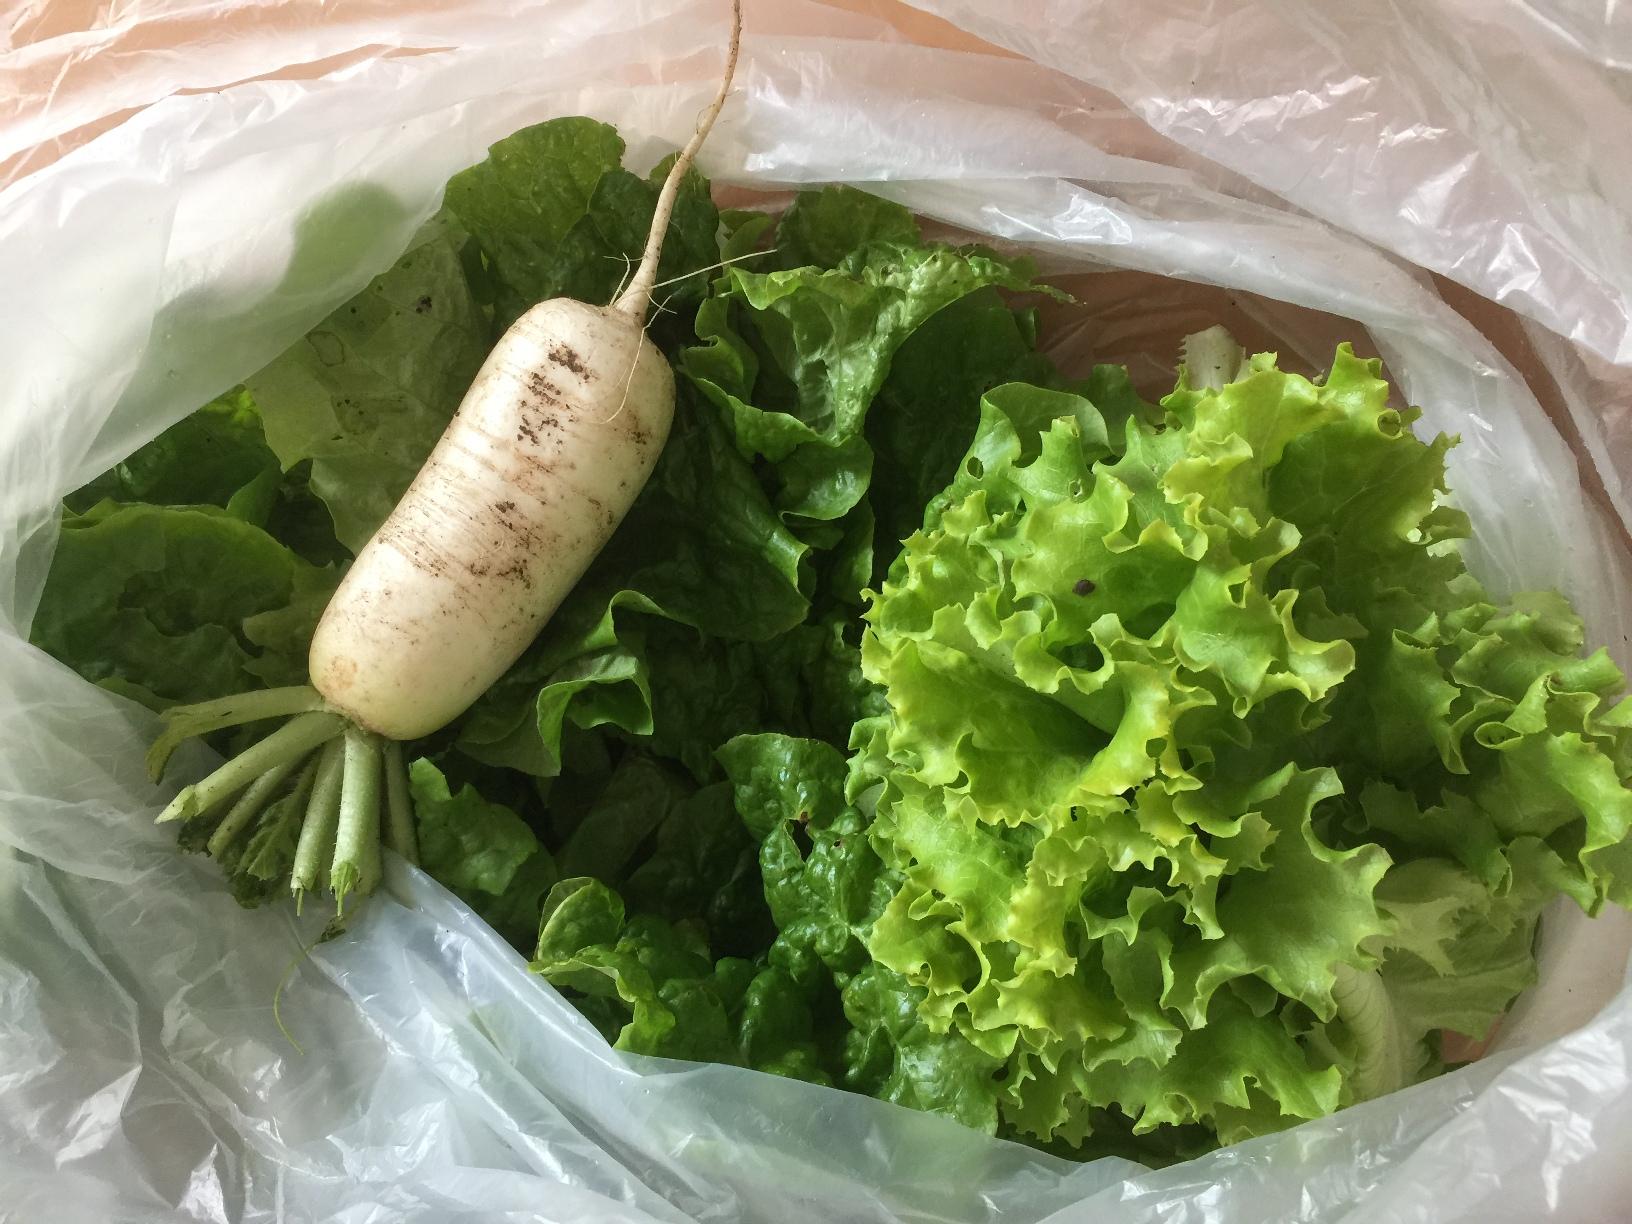 夏野菜の苗植え・種まき~収穫まで 貸農園でのひと夏の思い出